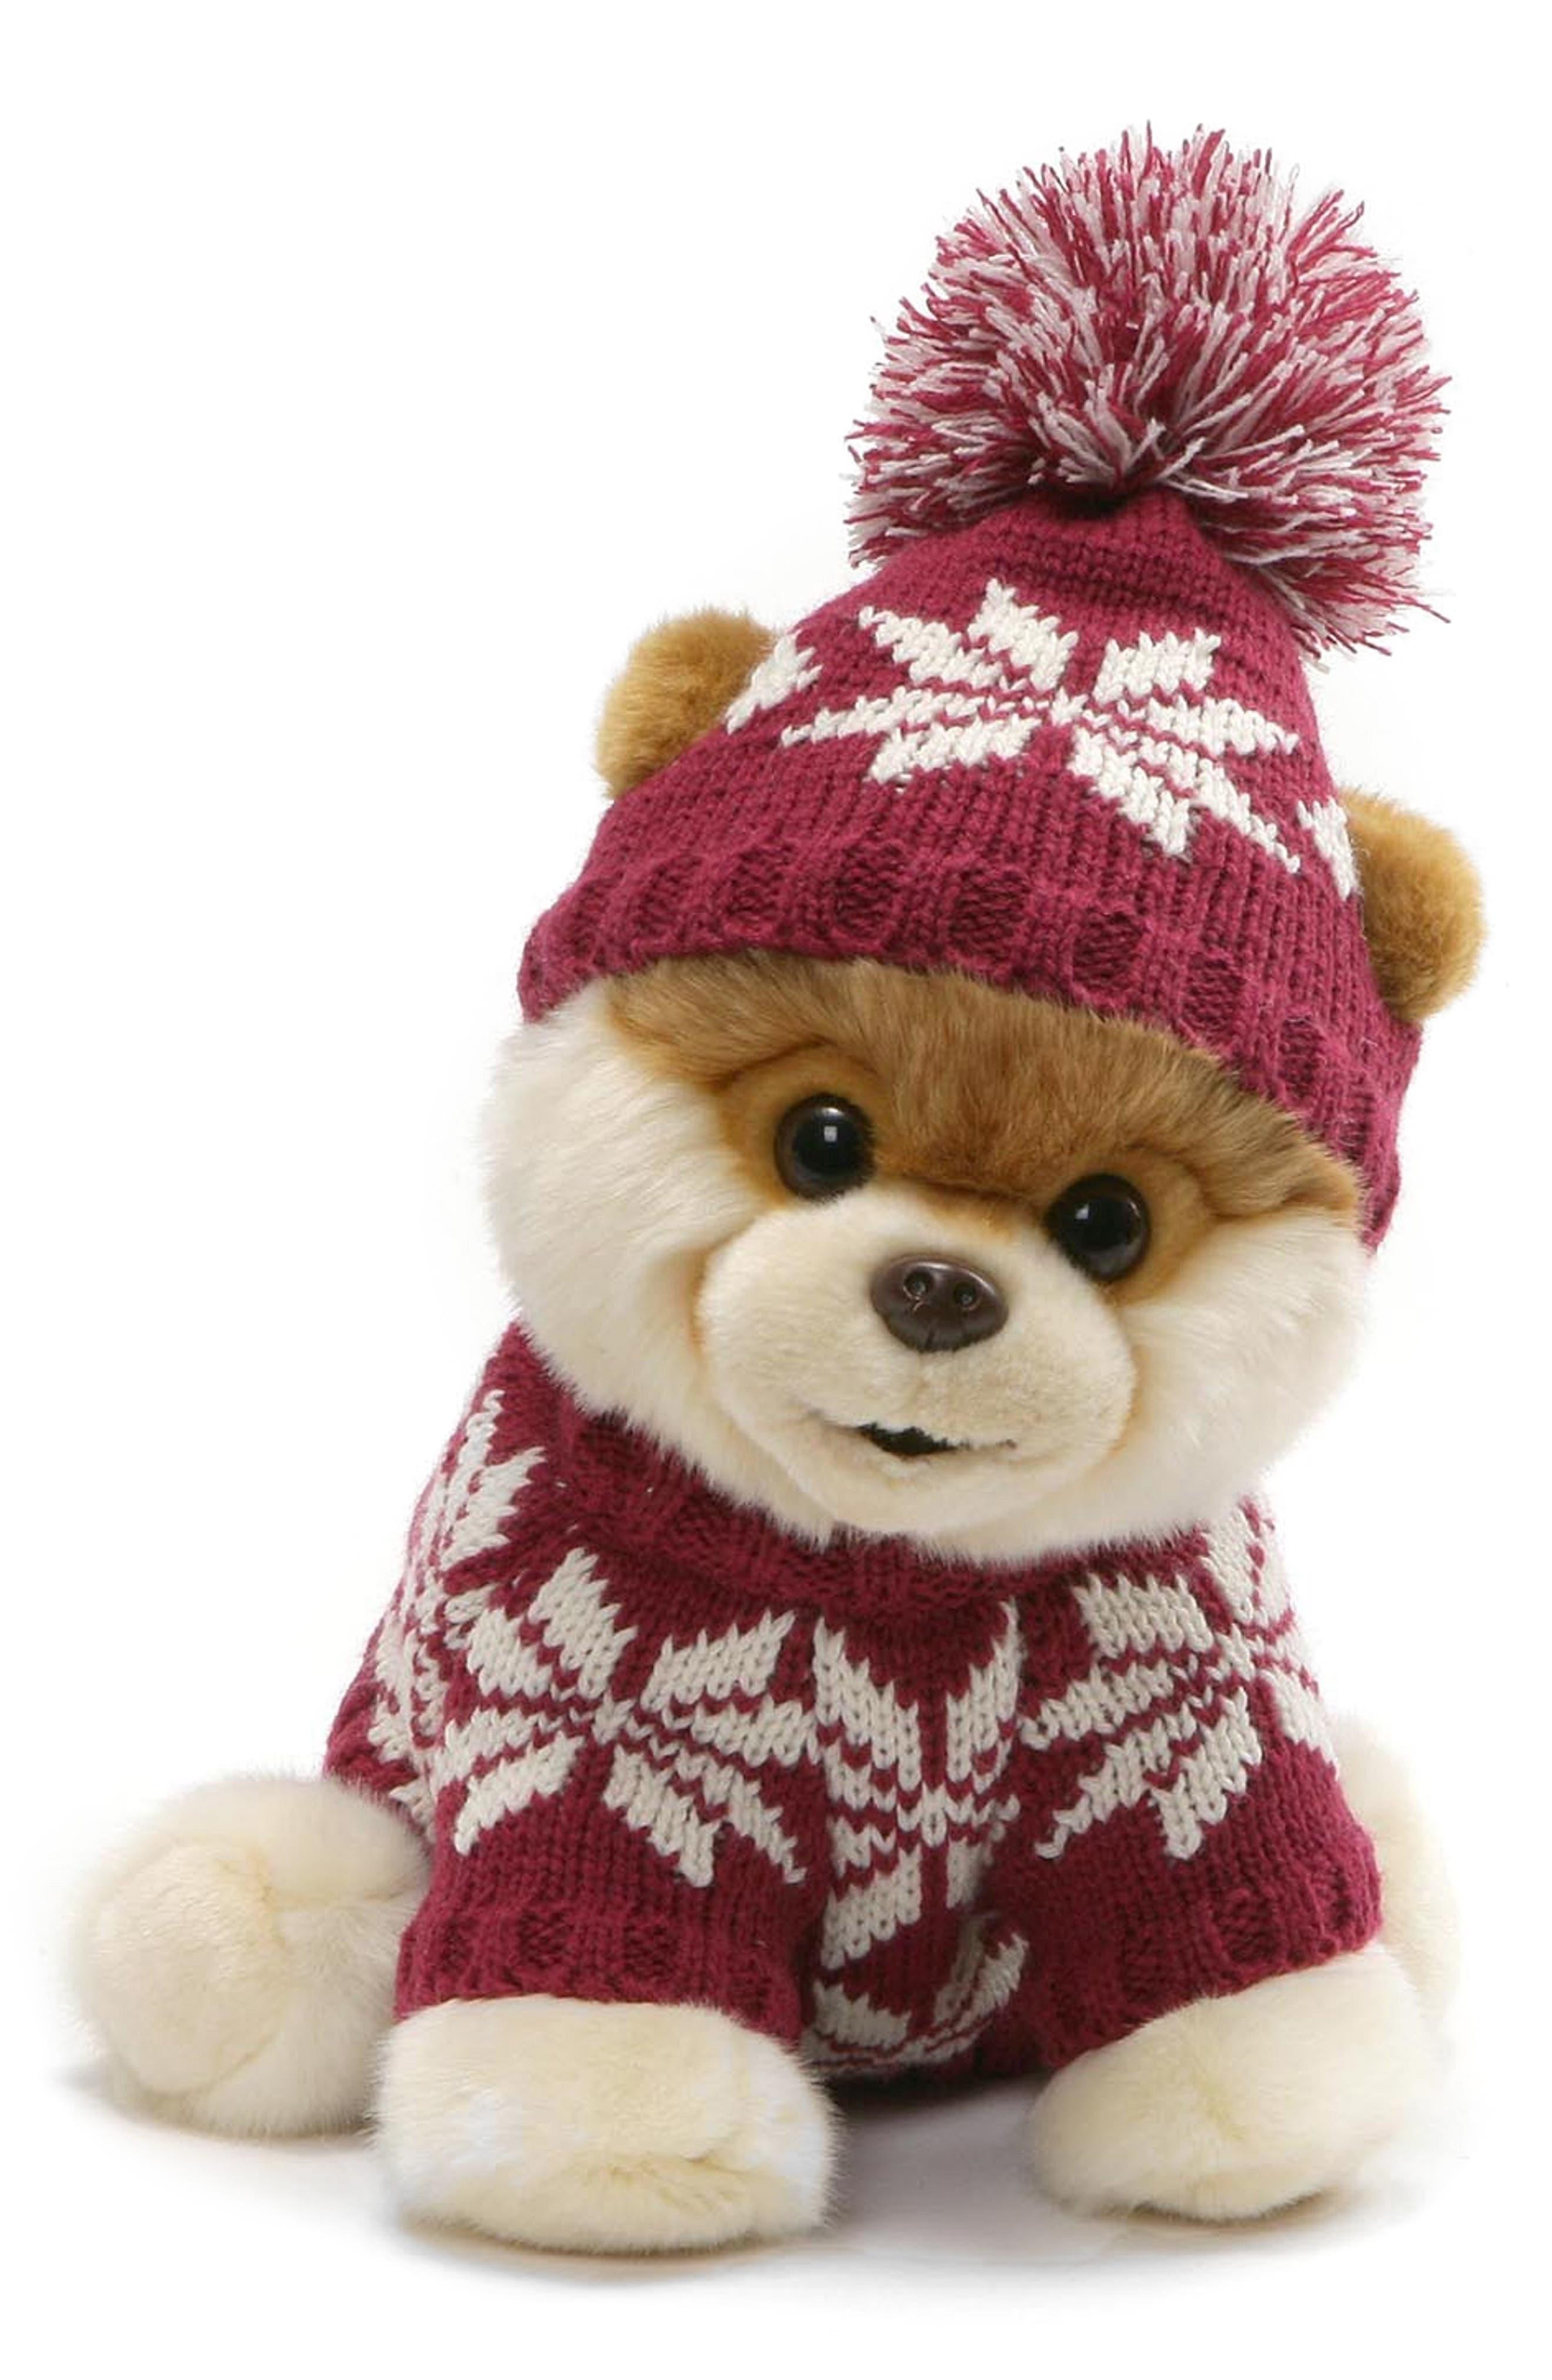 Boo - Fair Isle Sweater Stuffed Animal, Main, color, TAN